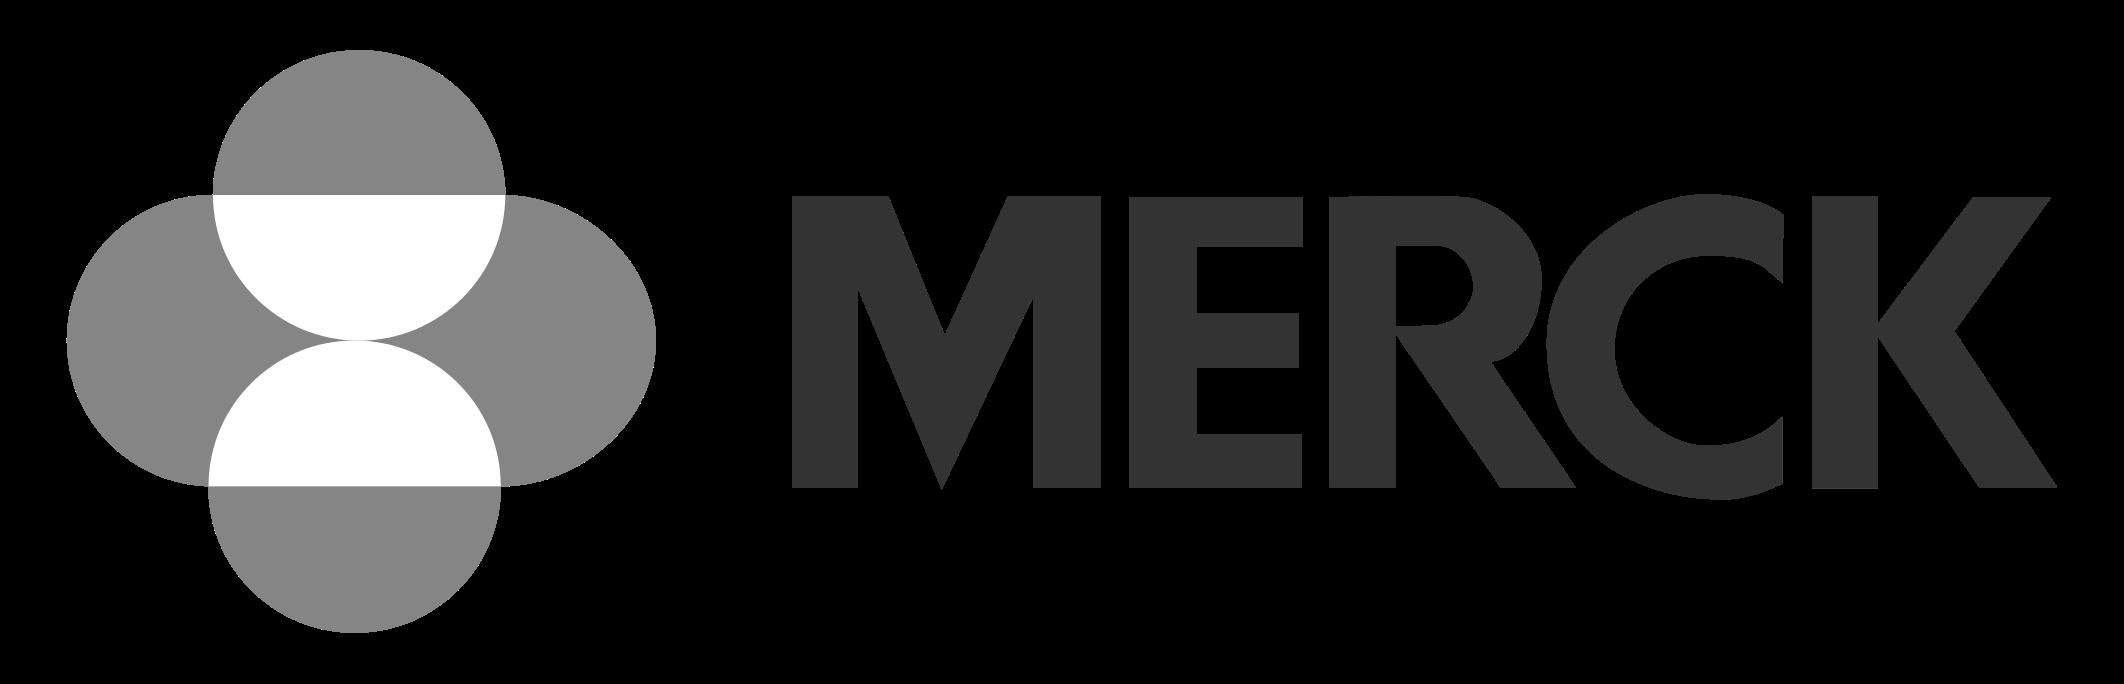 PNGPIX-COM-Merck-Logo-PNG-Transparent.png